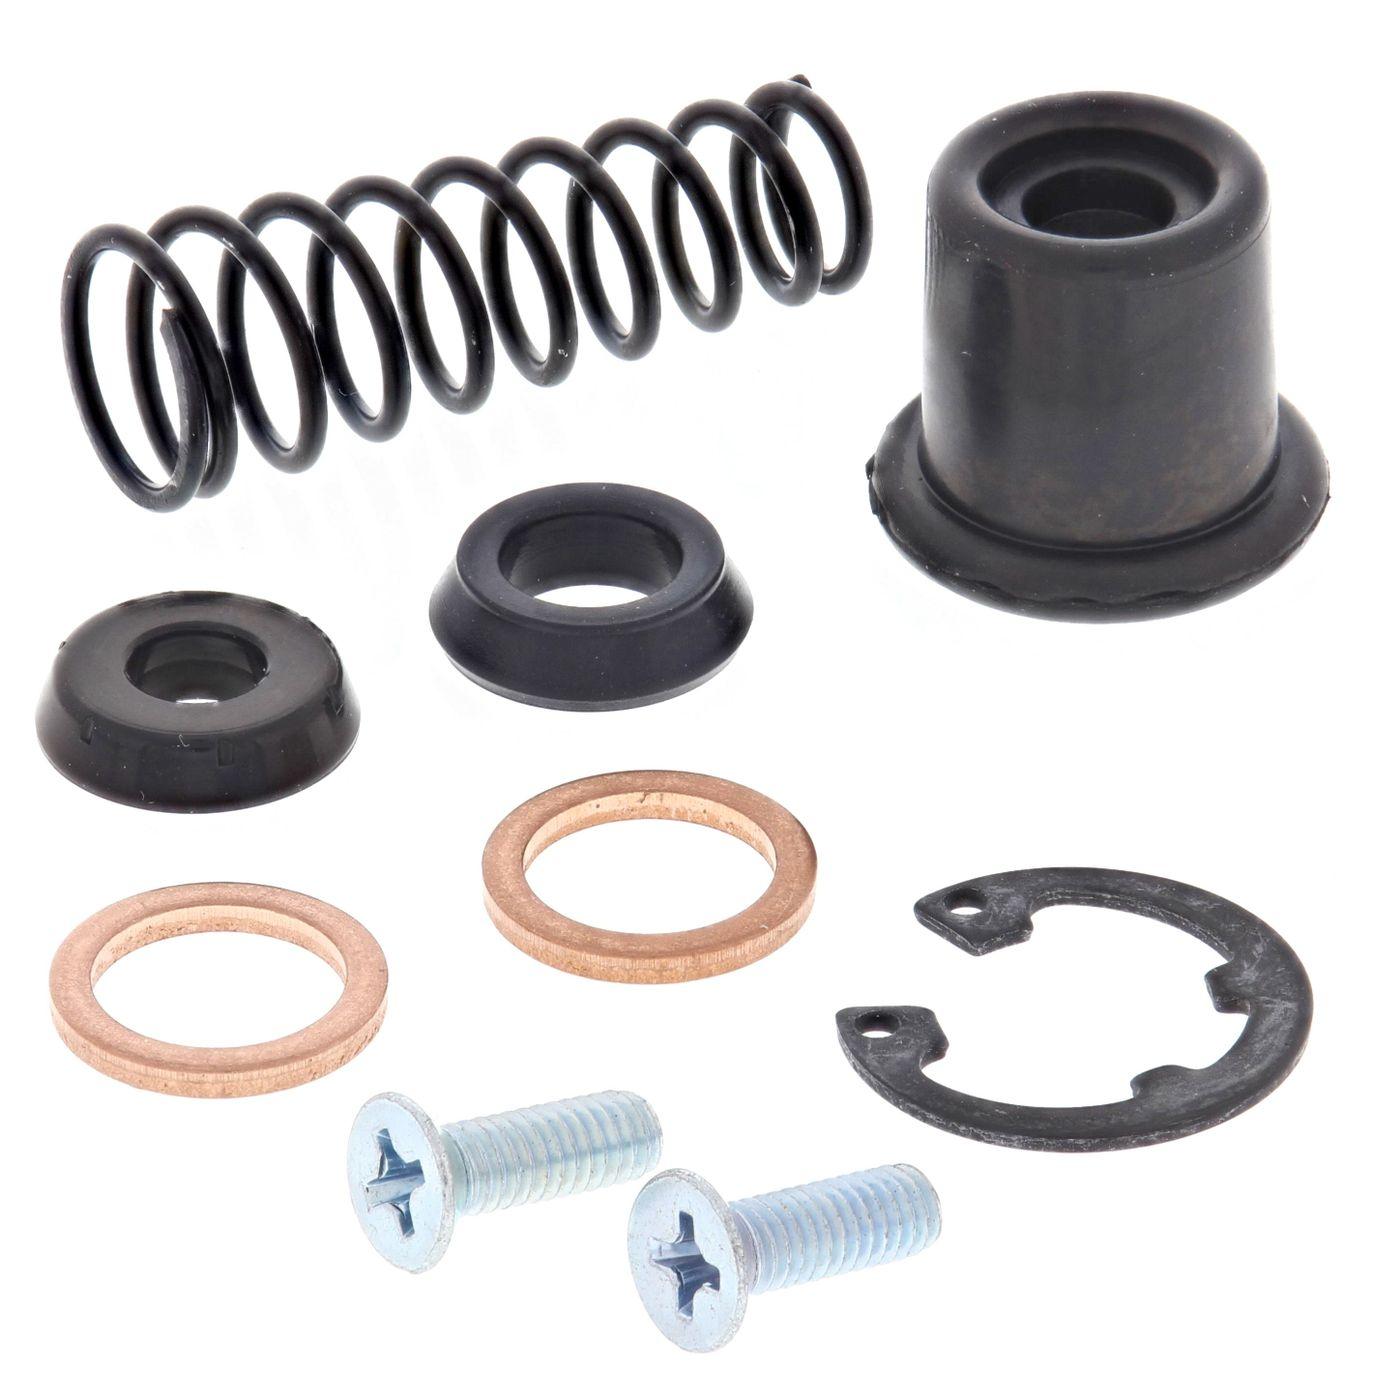 Wrp Master Cylinder Repair Kit - WRP181020 image